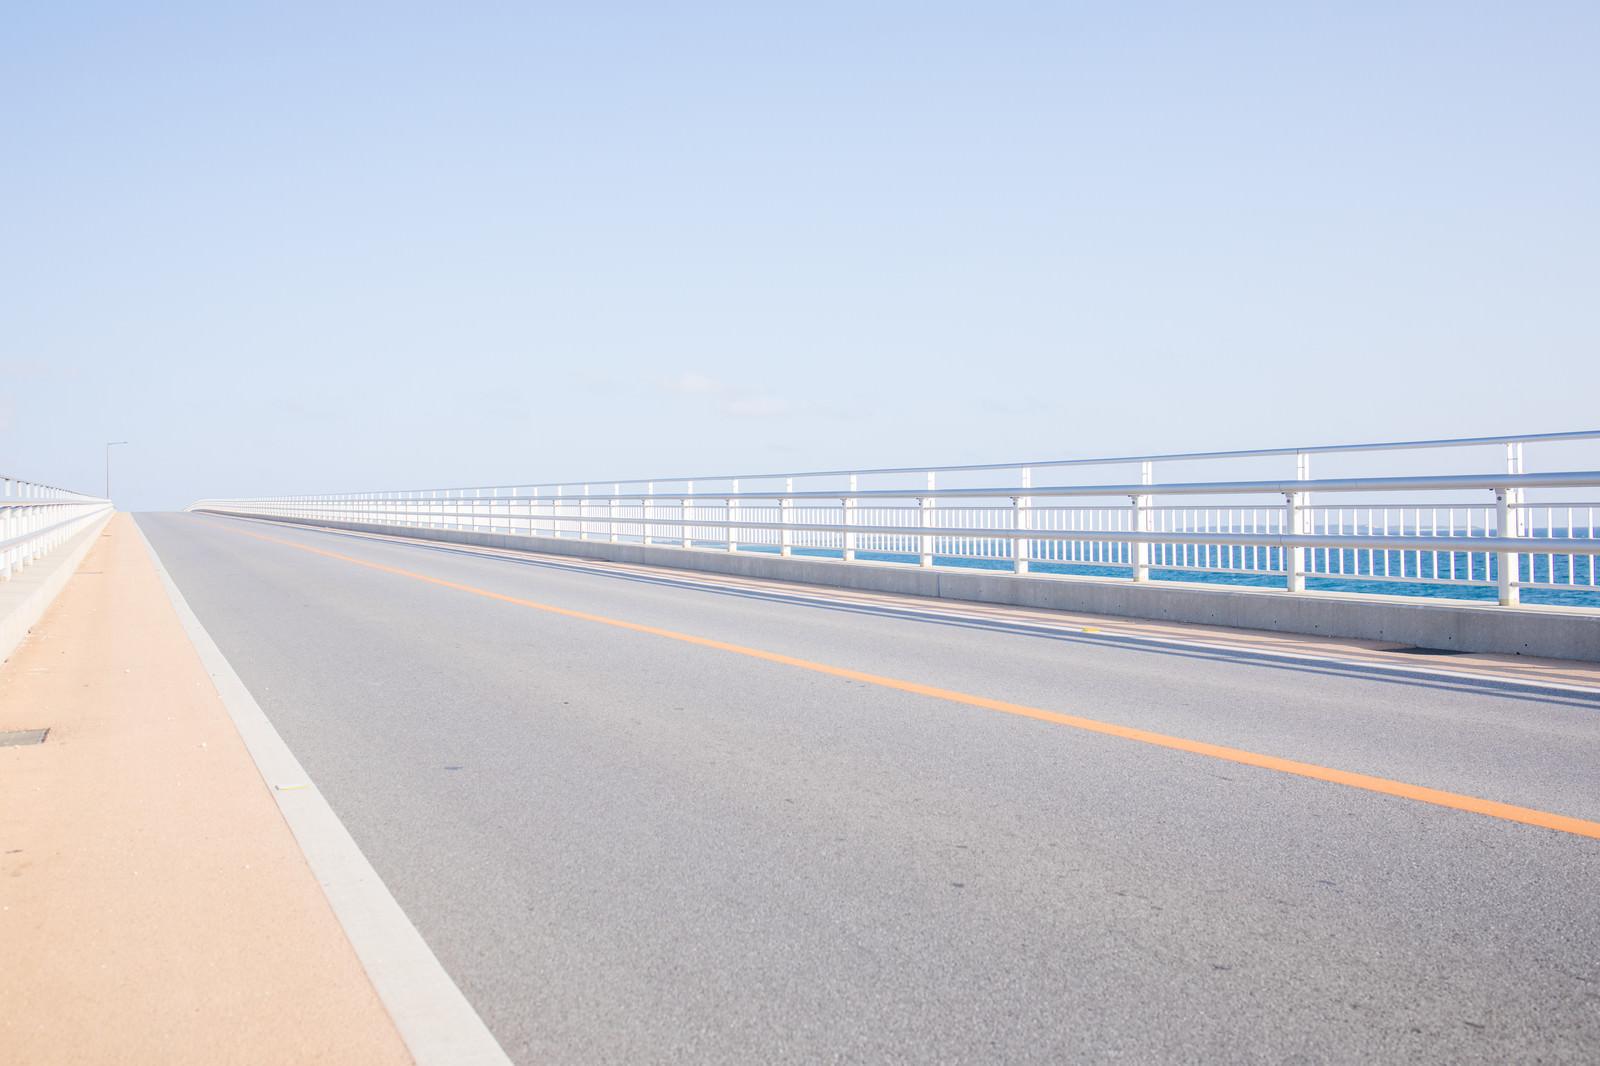 「どこまでも続く伊良部大橋の道路どこまでも続く伊良部大橋の道路」のフリー写真素材を拡大